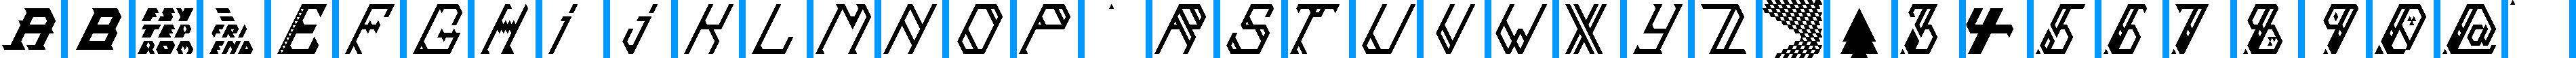 Particip-a-type v.348